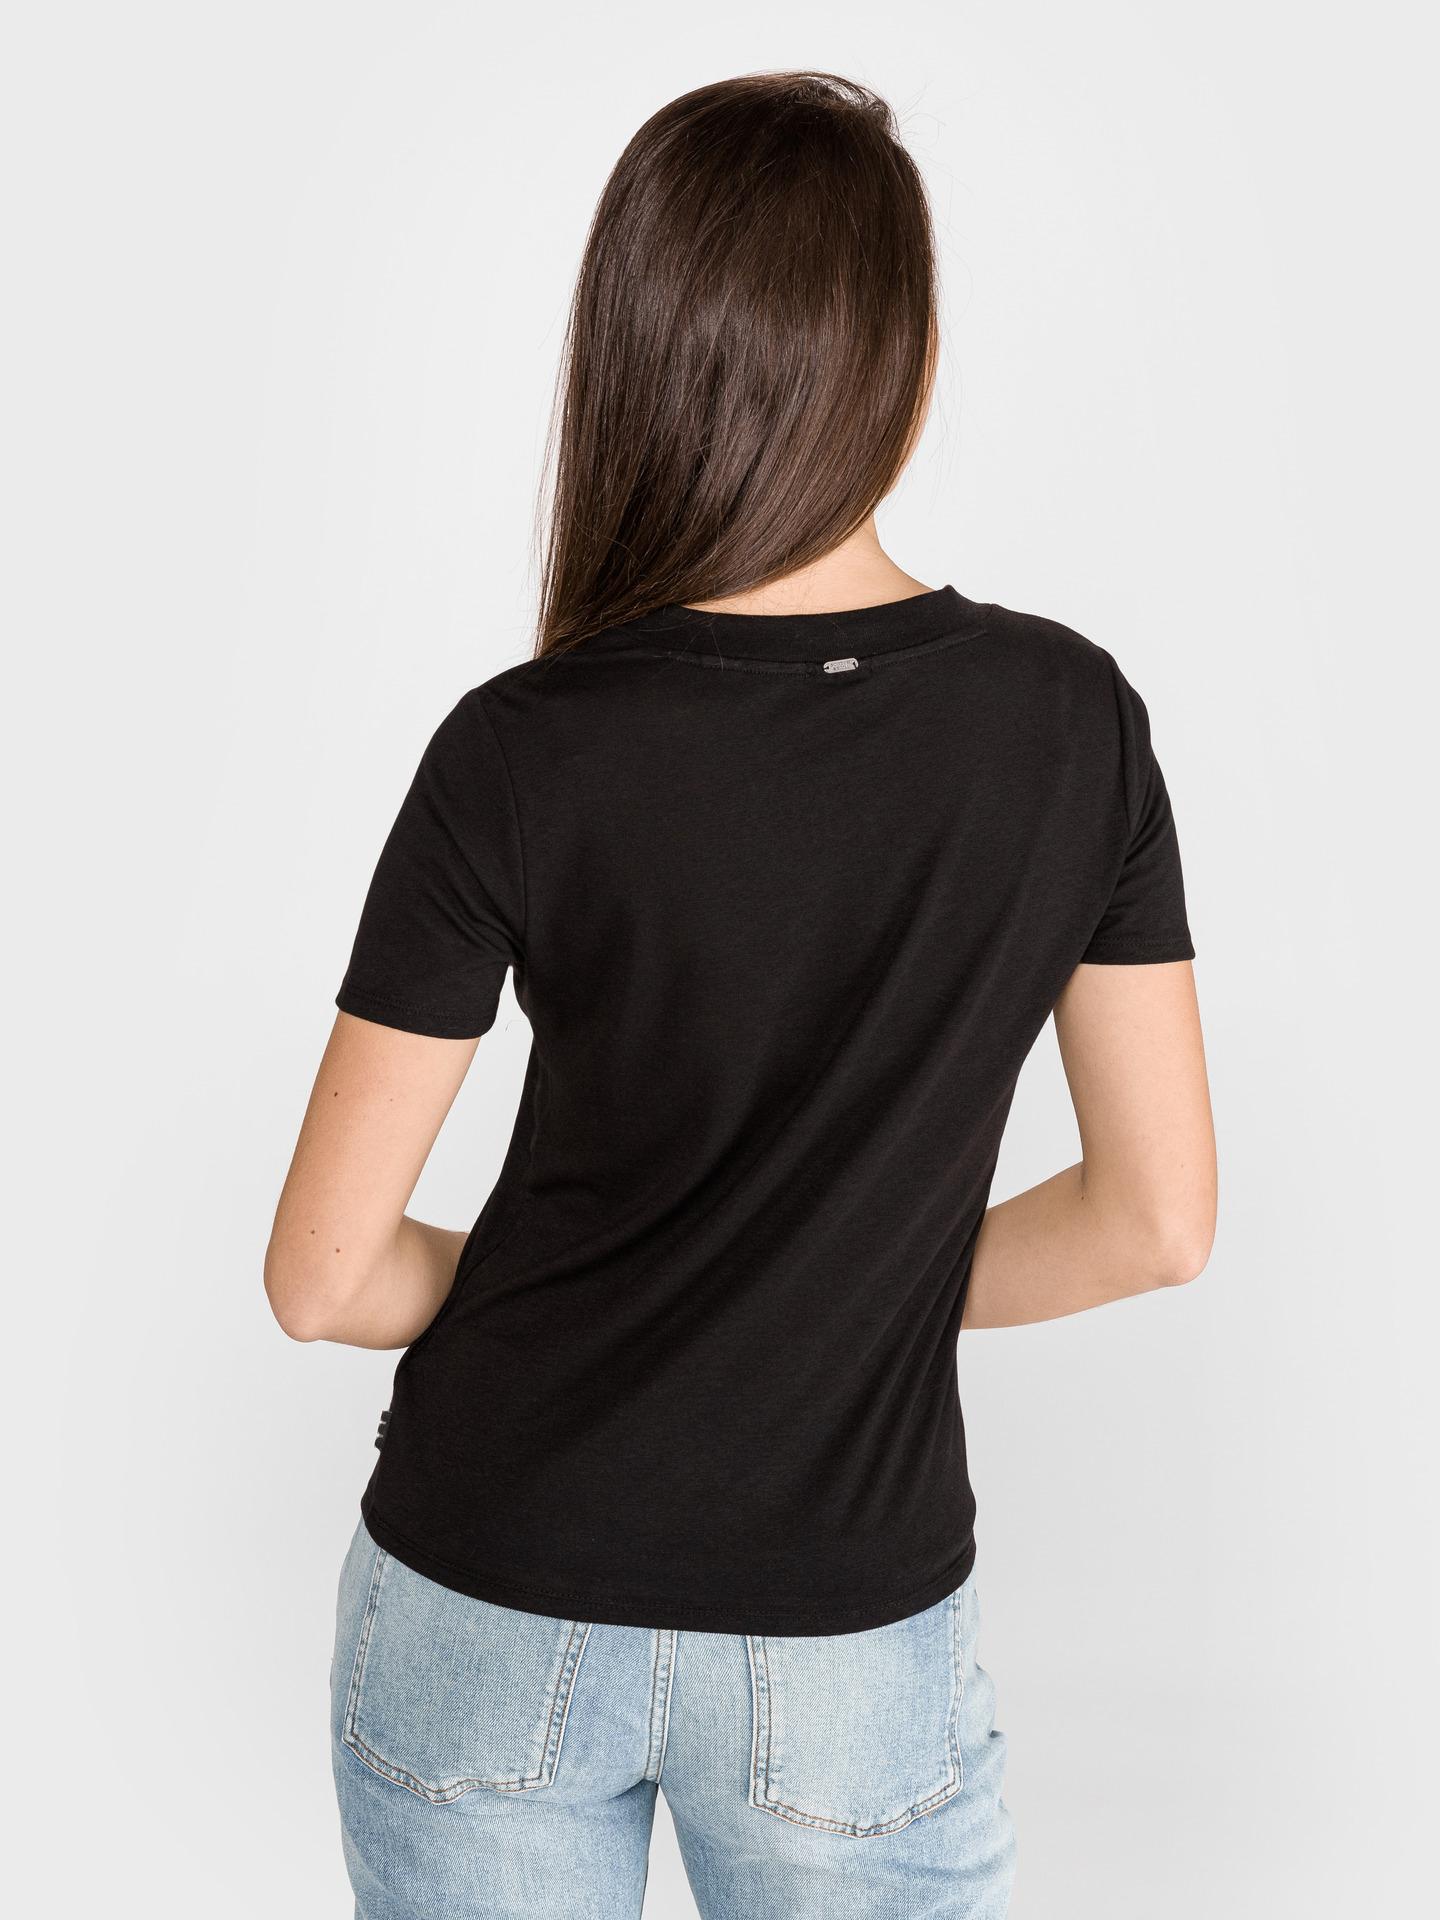 Scotch & Soda Women's t-shirt black